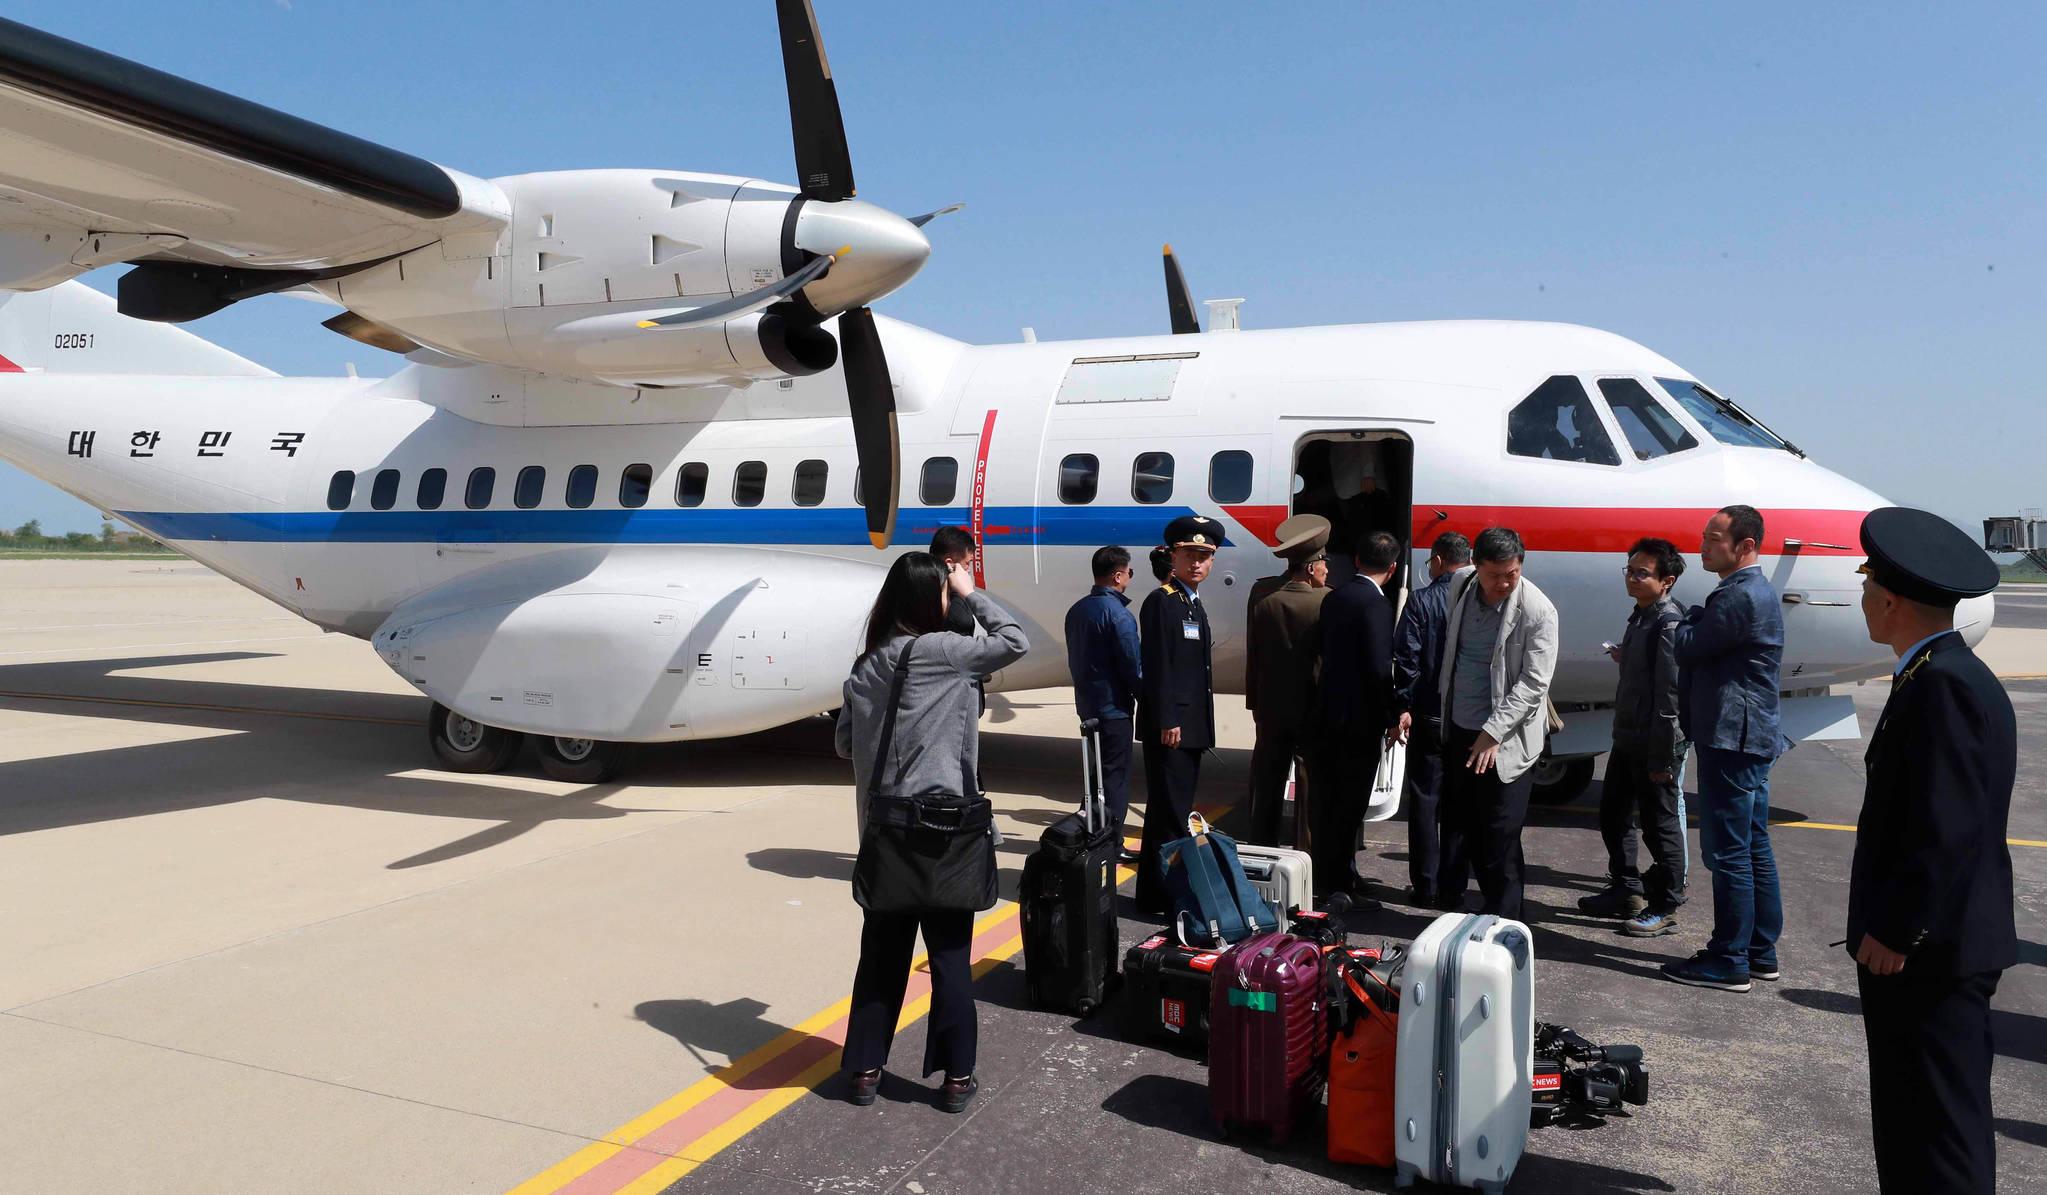 풍계리 핵실험장 폐기식을 취재할 한국공동취재단이 23일 정부 수송기편으로 북한 강원도 원산 갈마비행장에 도착해 비행기에서 내리고 있다. 공동취재단